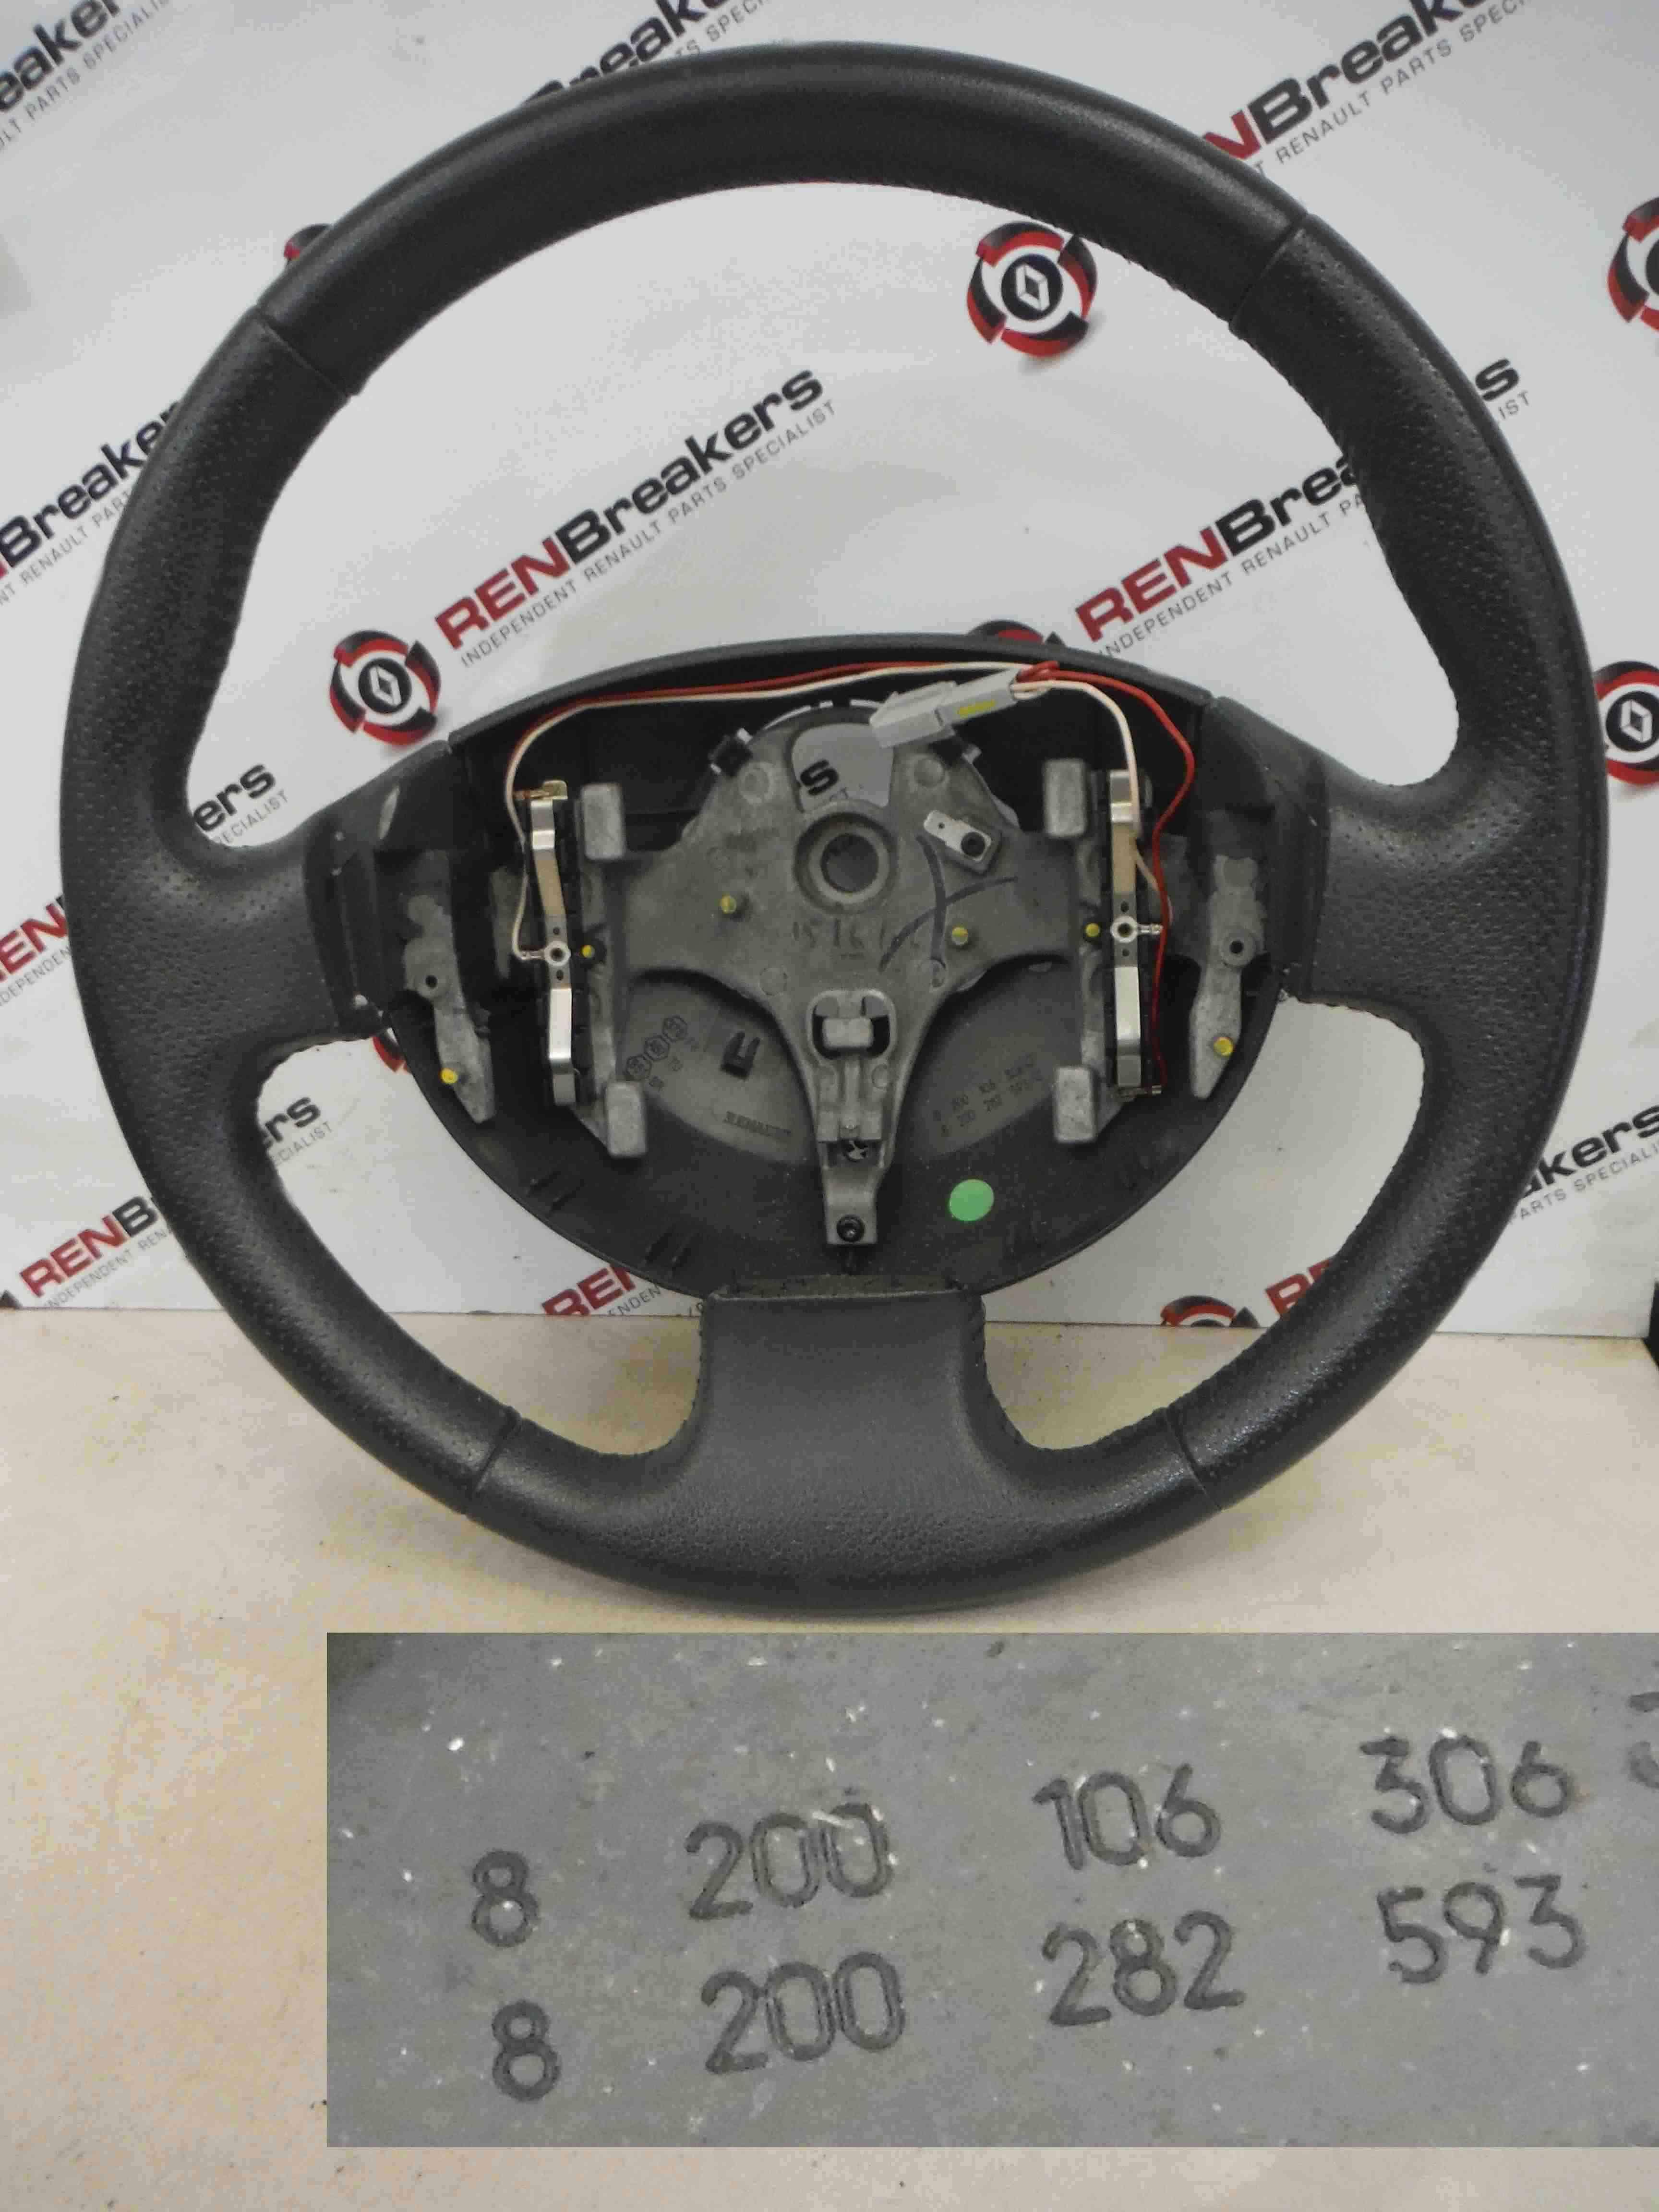 Renault Megane Convertible 2002-2008 Steering Wheel 8200106306 8200282593